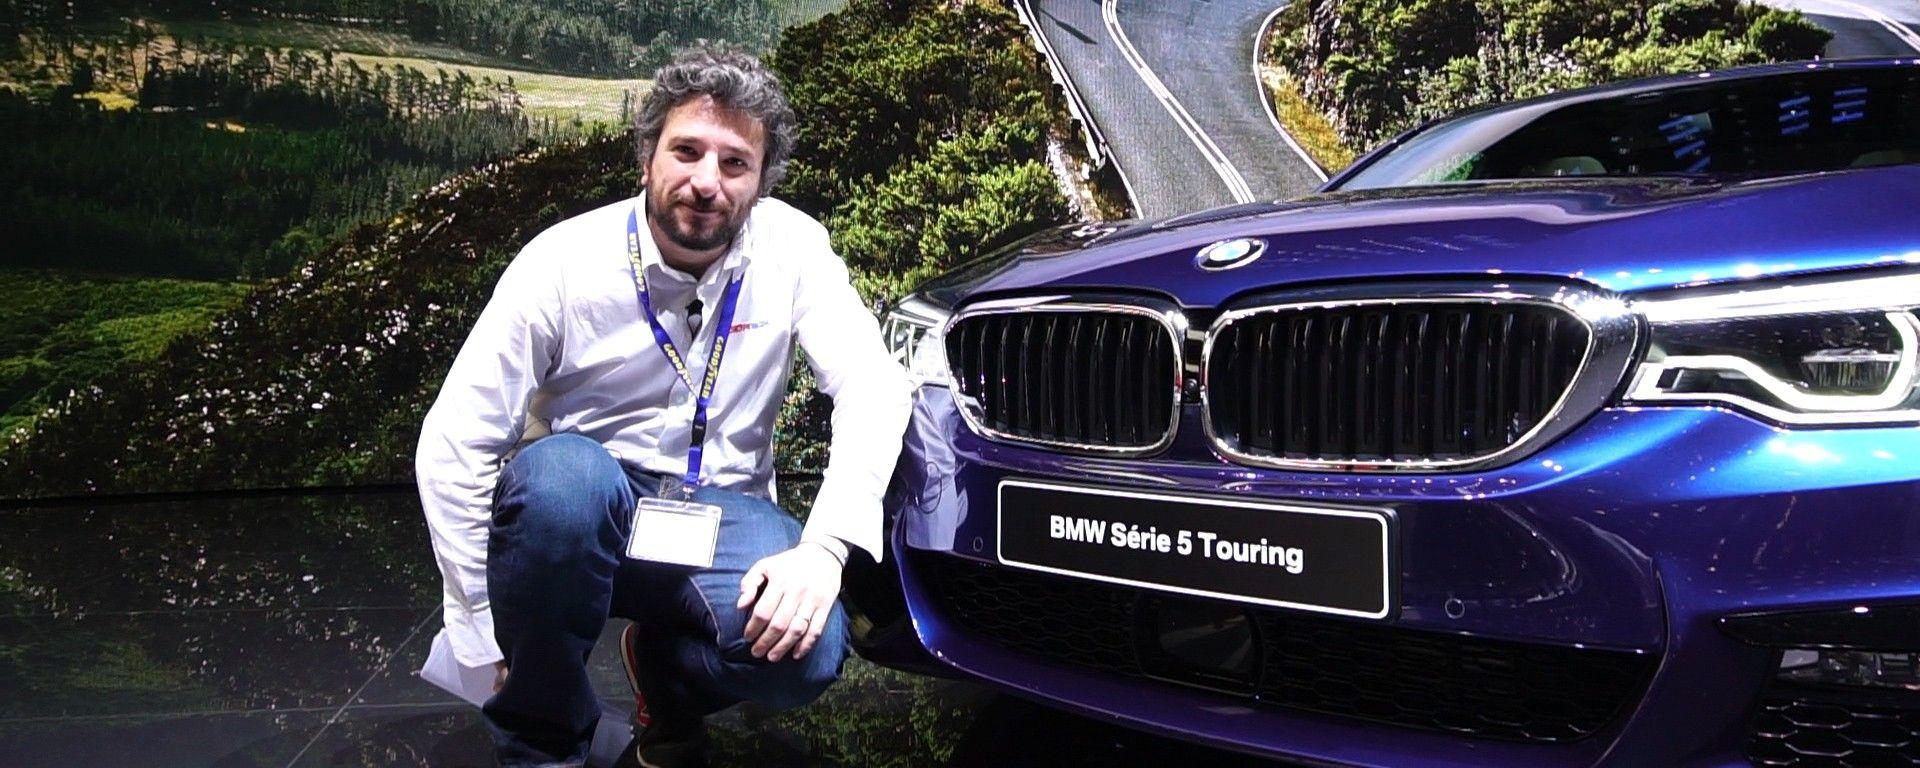 BMW Serie 5 Touring al Salone di Ginevra 2017